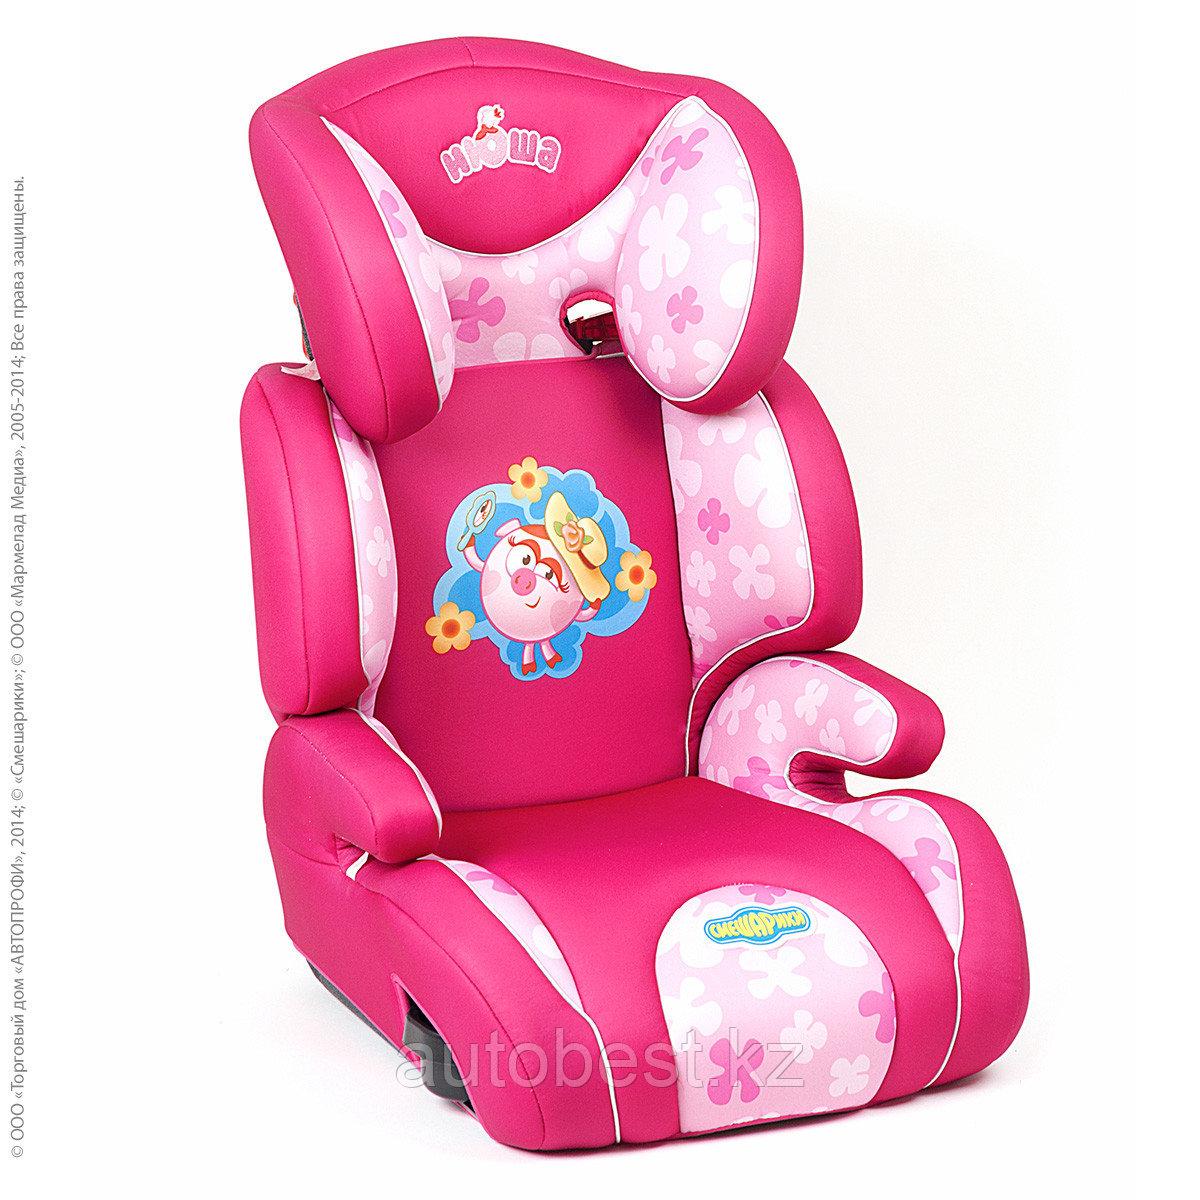 Детское кресло «Смешарики», группы 2/3 (15-36кг/3-12года),с Нюшей, поролон 3 см,розовый